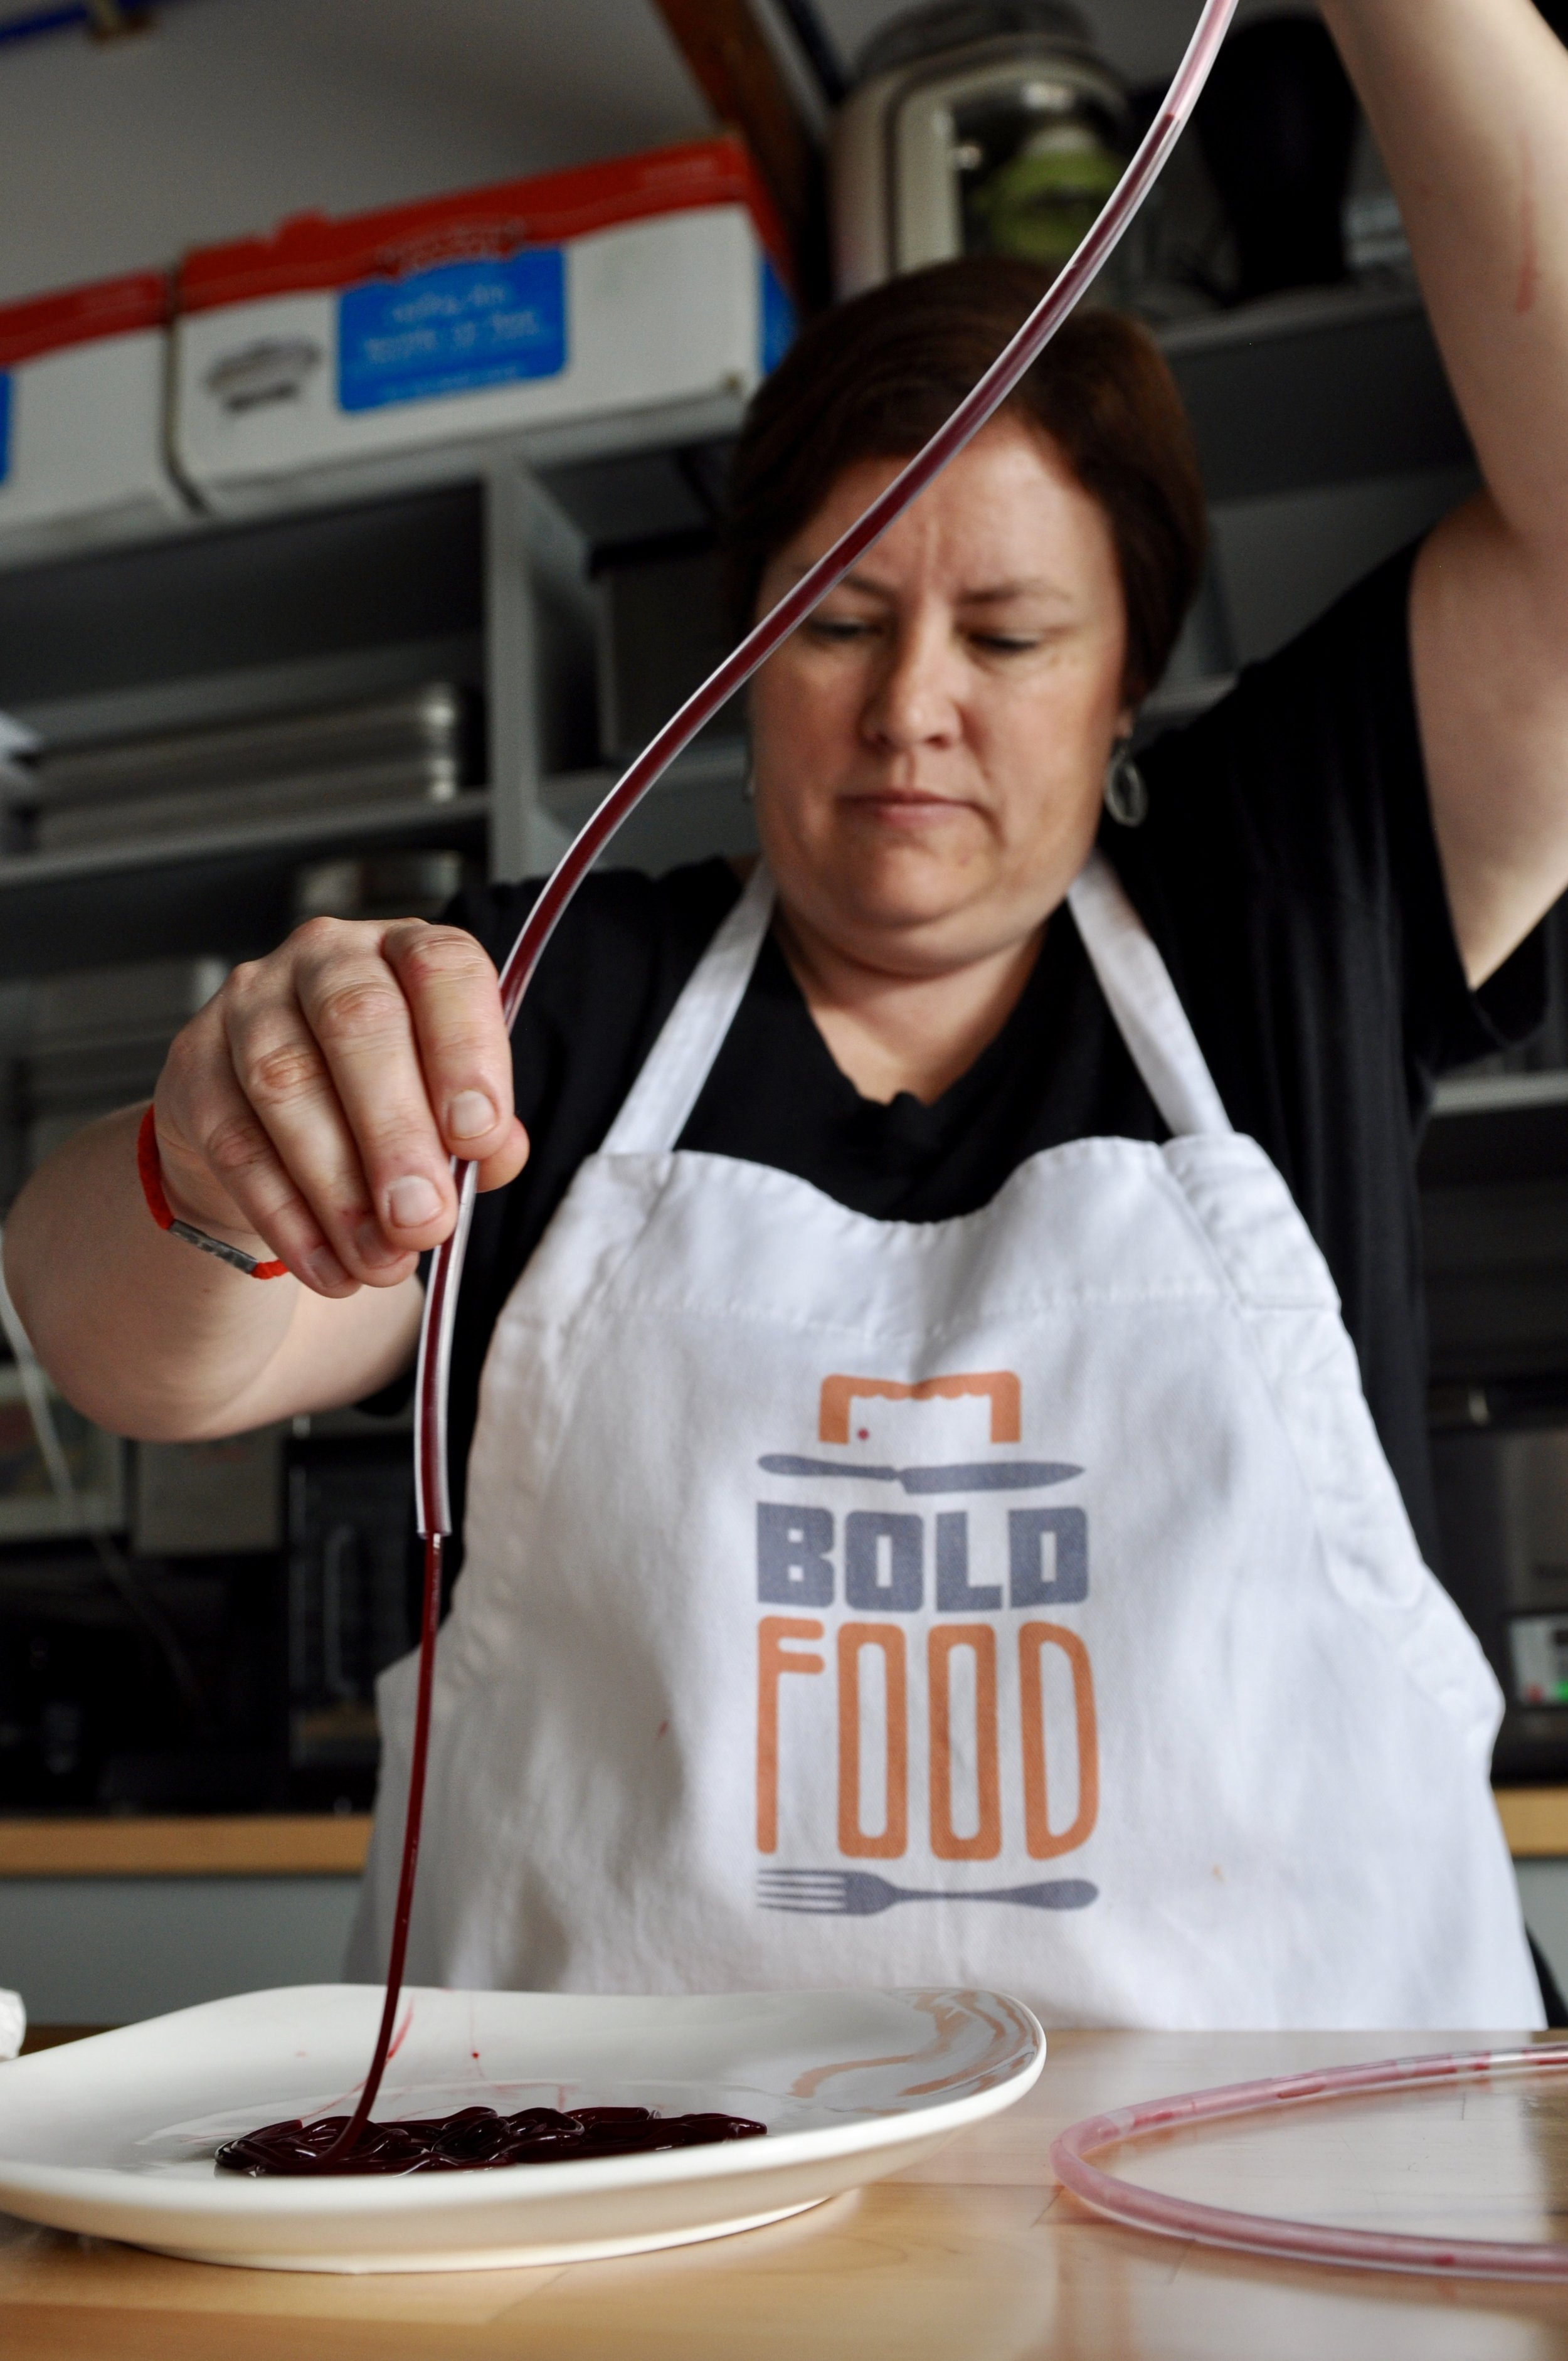 Making beet noodles